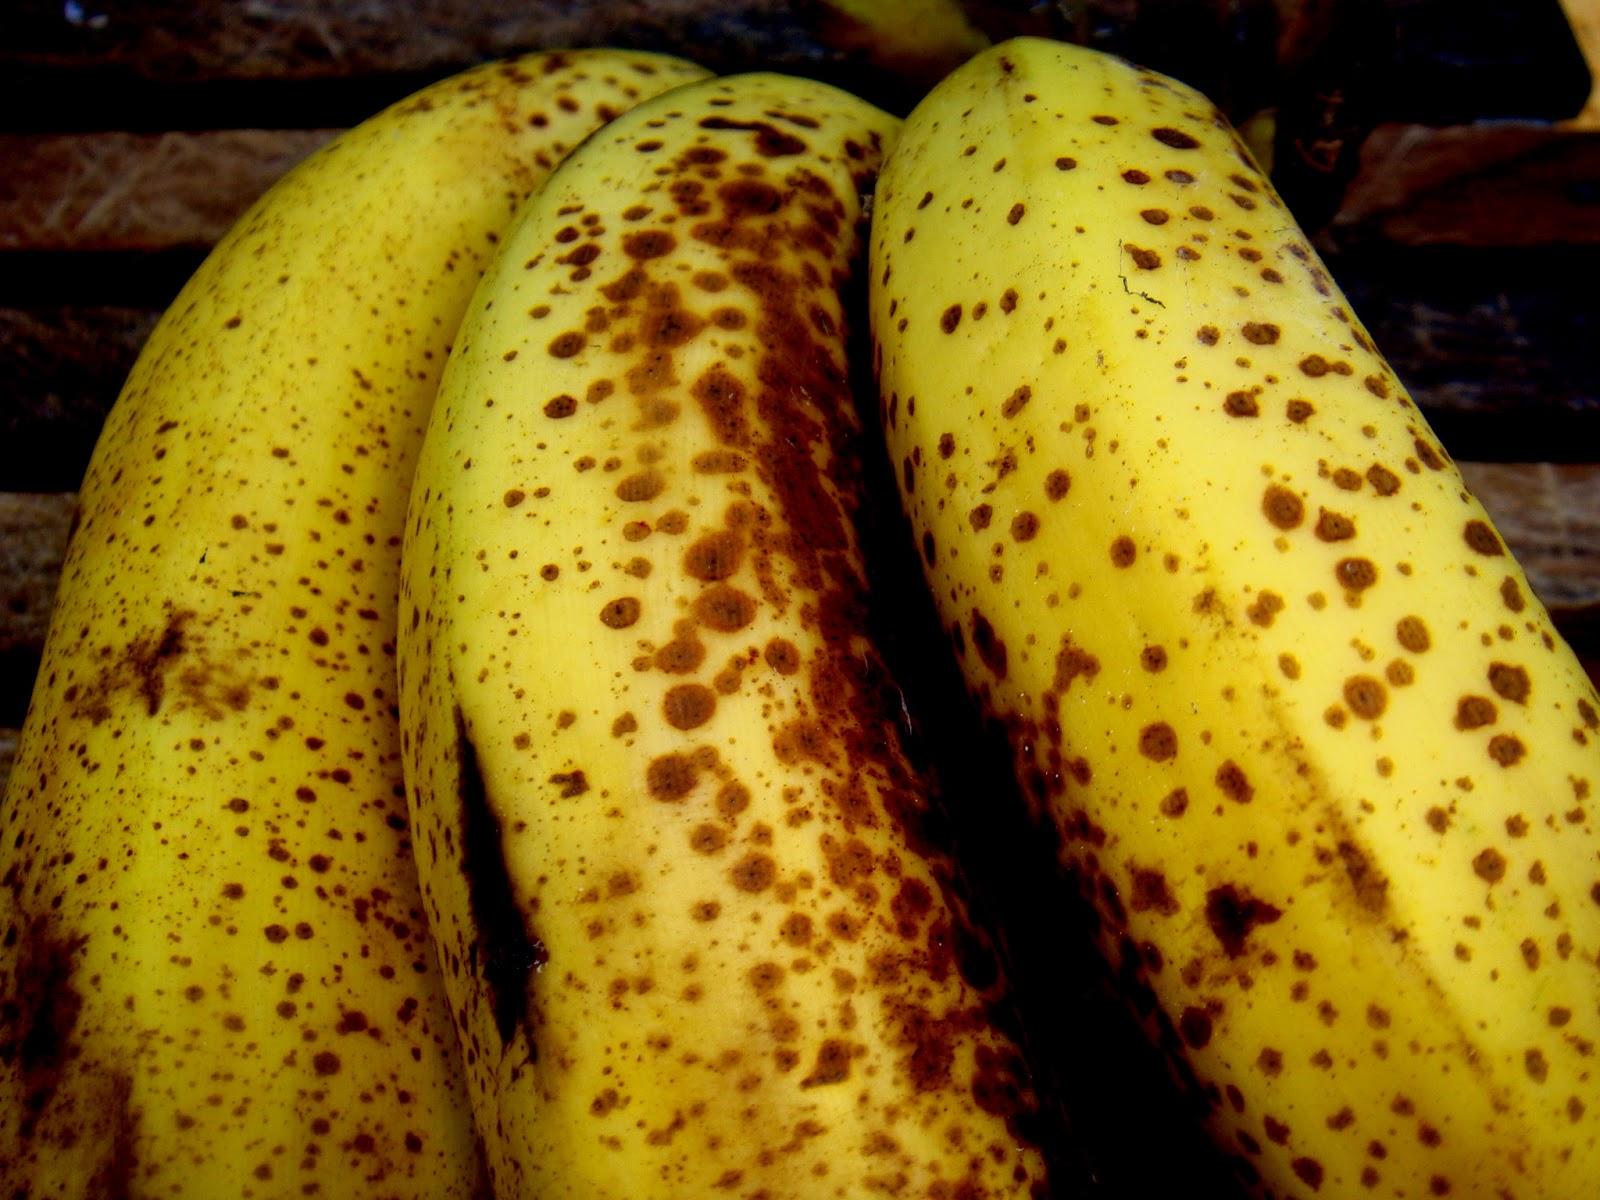 Conhecido come-se: Banana madura para doce mas nem tanto VF32